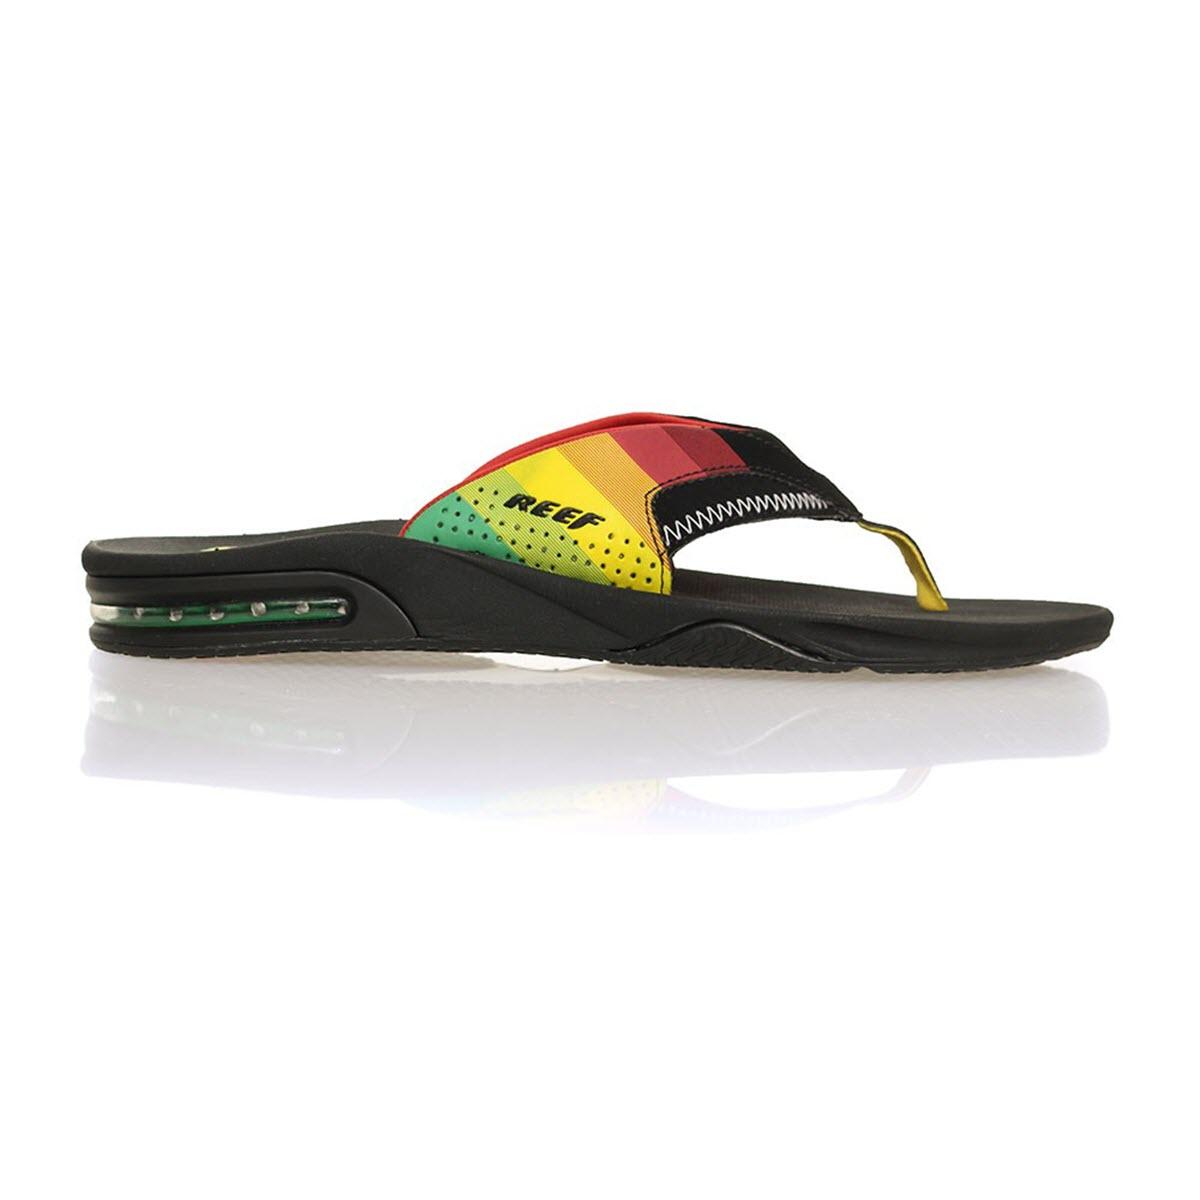 de67eab9885 Reef Sandal - Fanning Flip Flops - Mick Fanning Pro Model